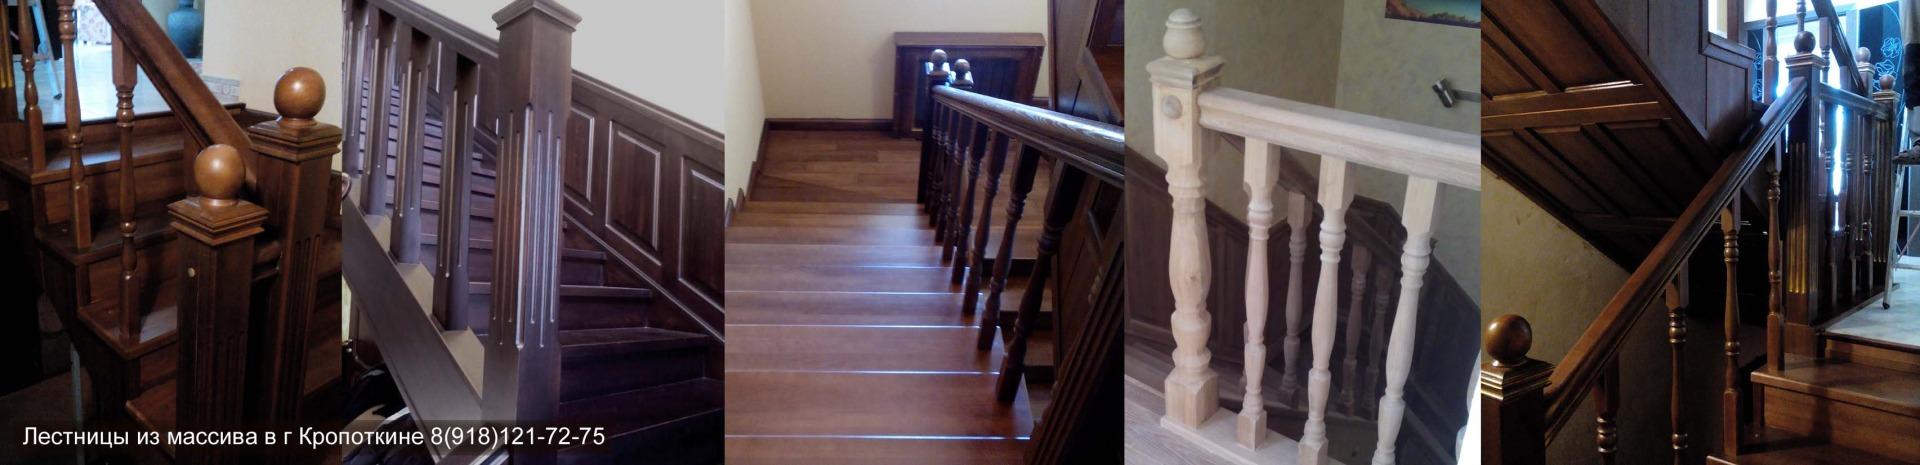 Столярный цех: лестницы, мебель, бани под ключ, отделка деревом, дома из бруса, услуги в Кропоткине, Гулькевичи, Сочи